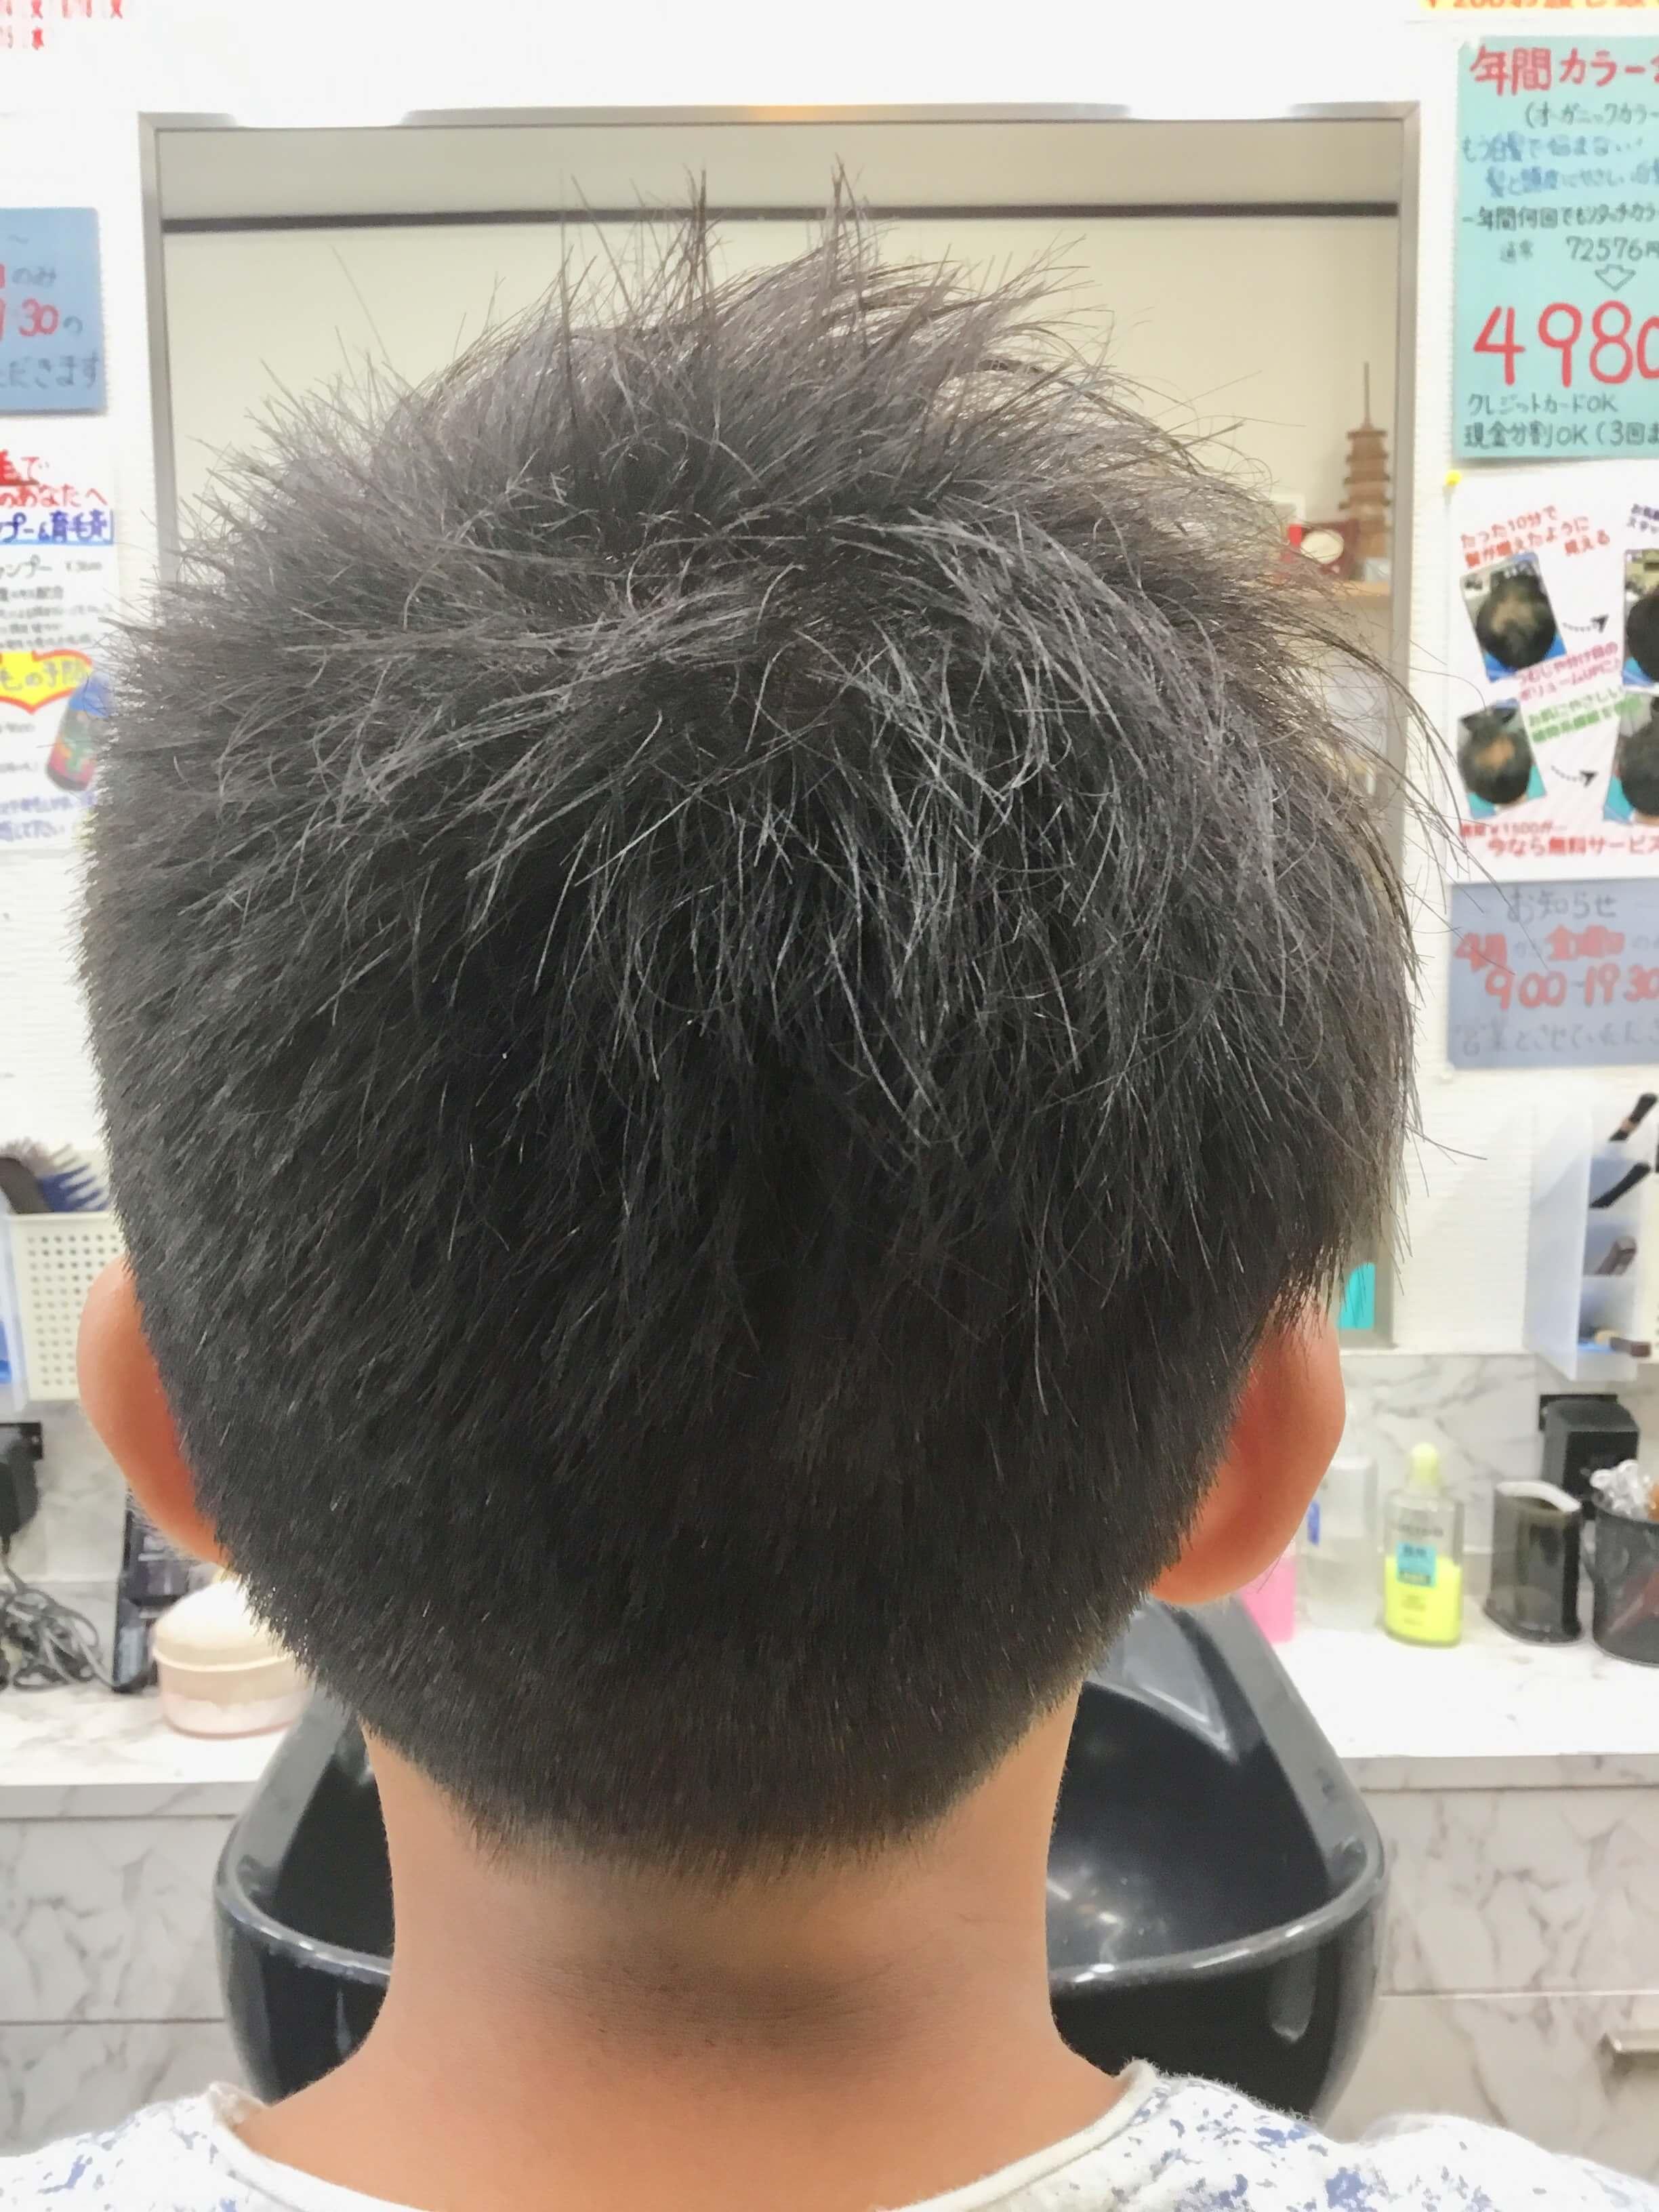 小学生アシンメトリーツーブロックスタイルを後ろから見た画像